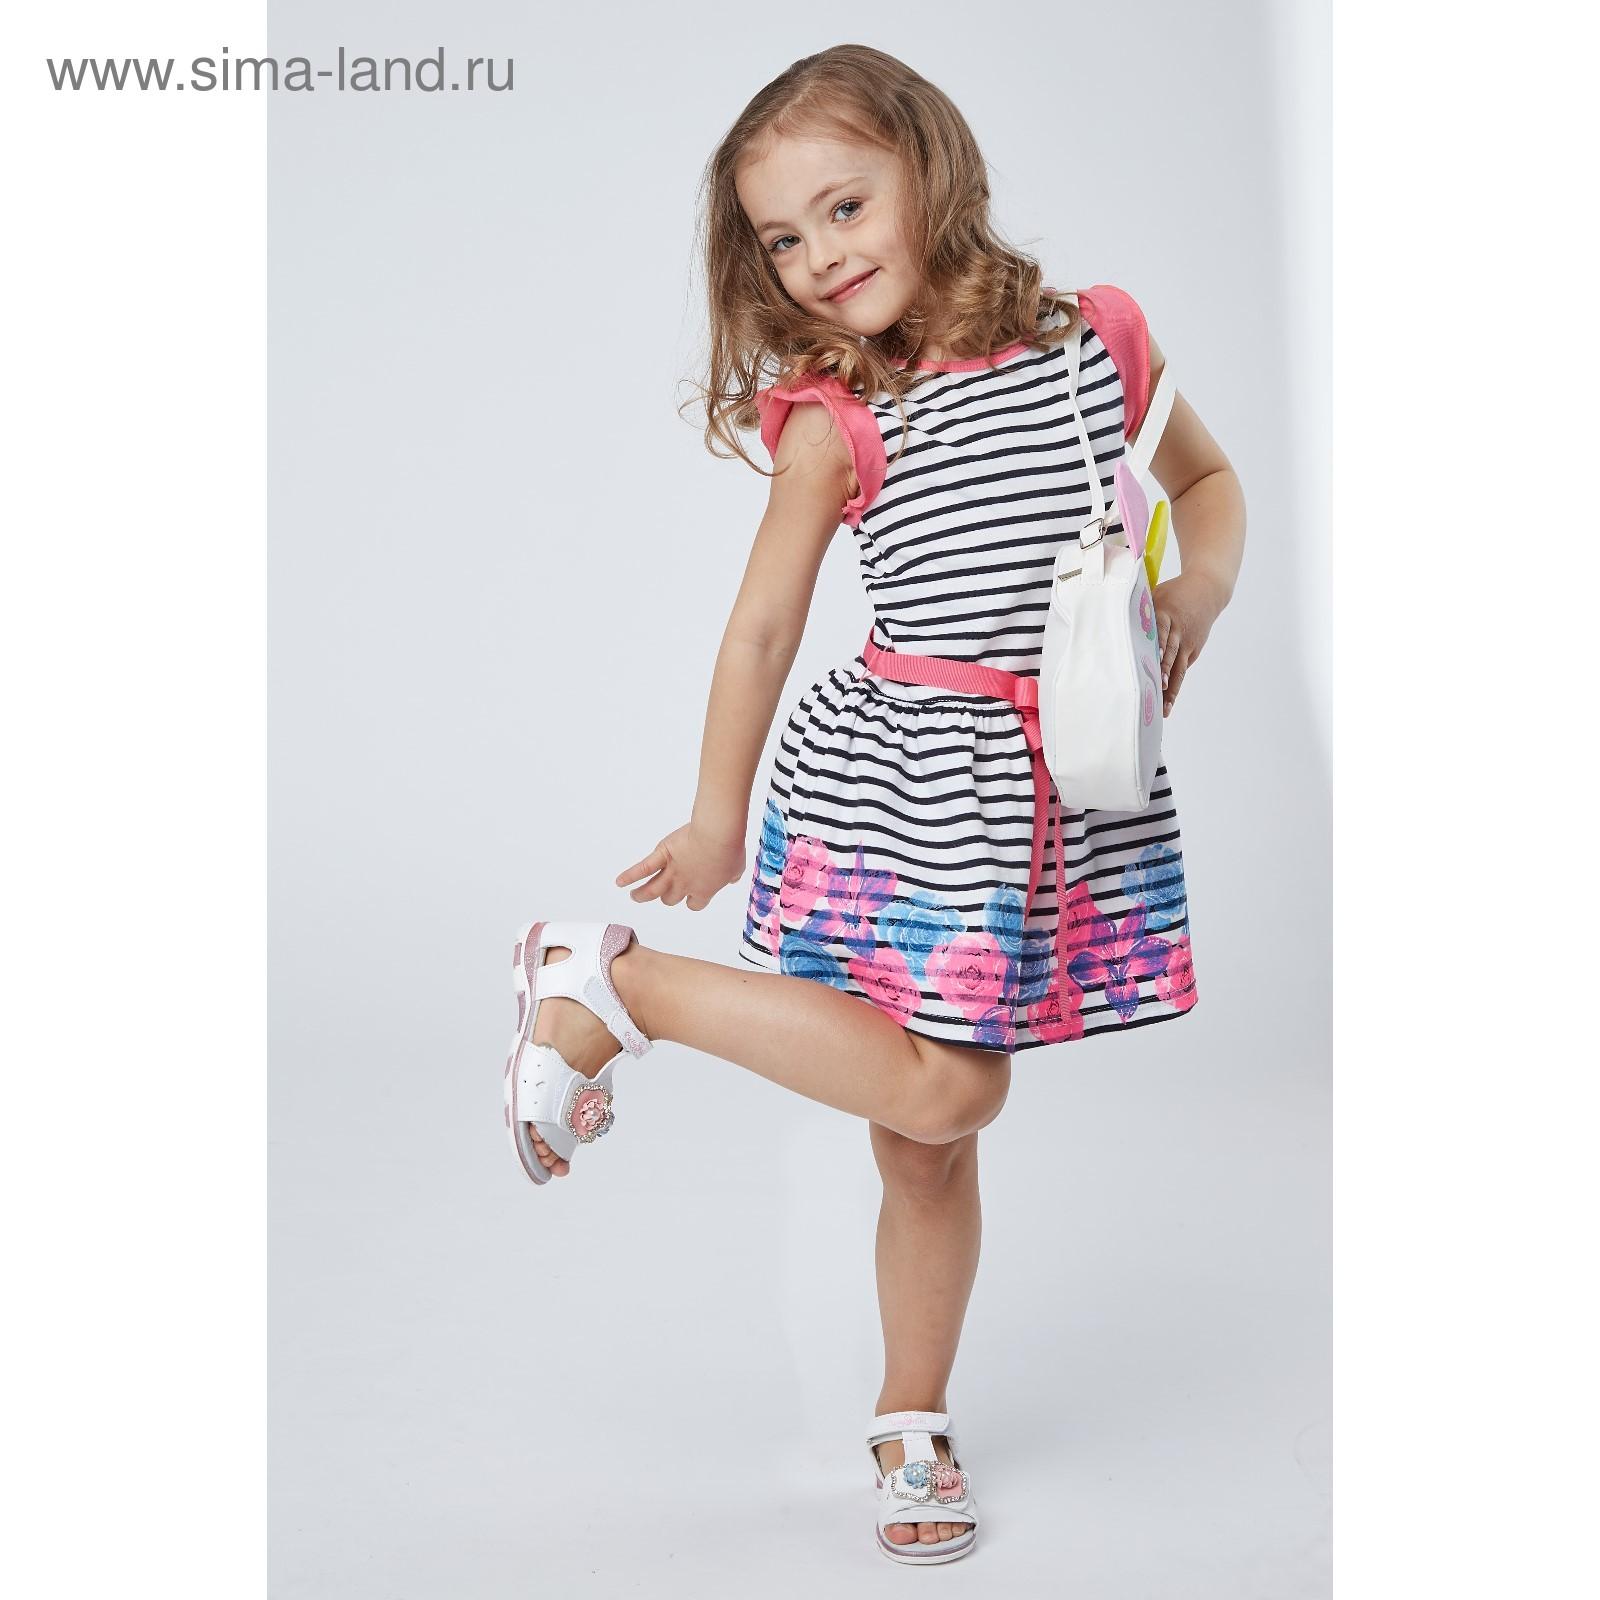 c183b6aff11ddfa Платье для девочек, рост 110-116 см, возраст 5 лет, цвет белый в ...